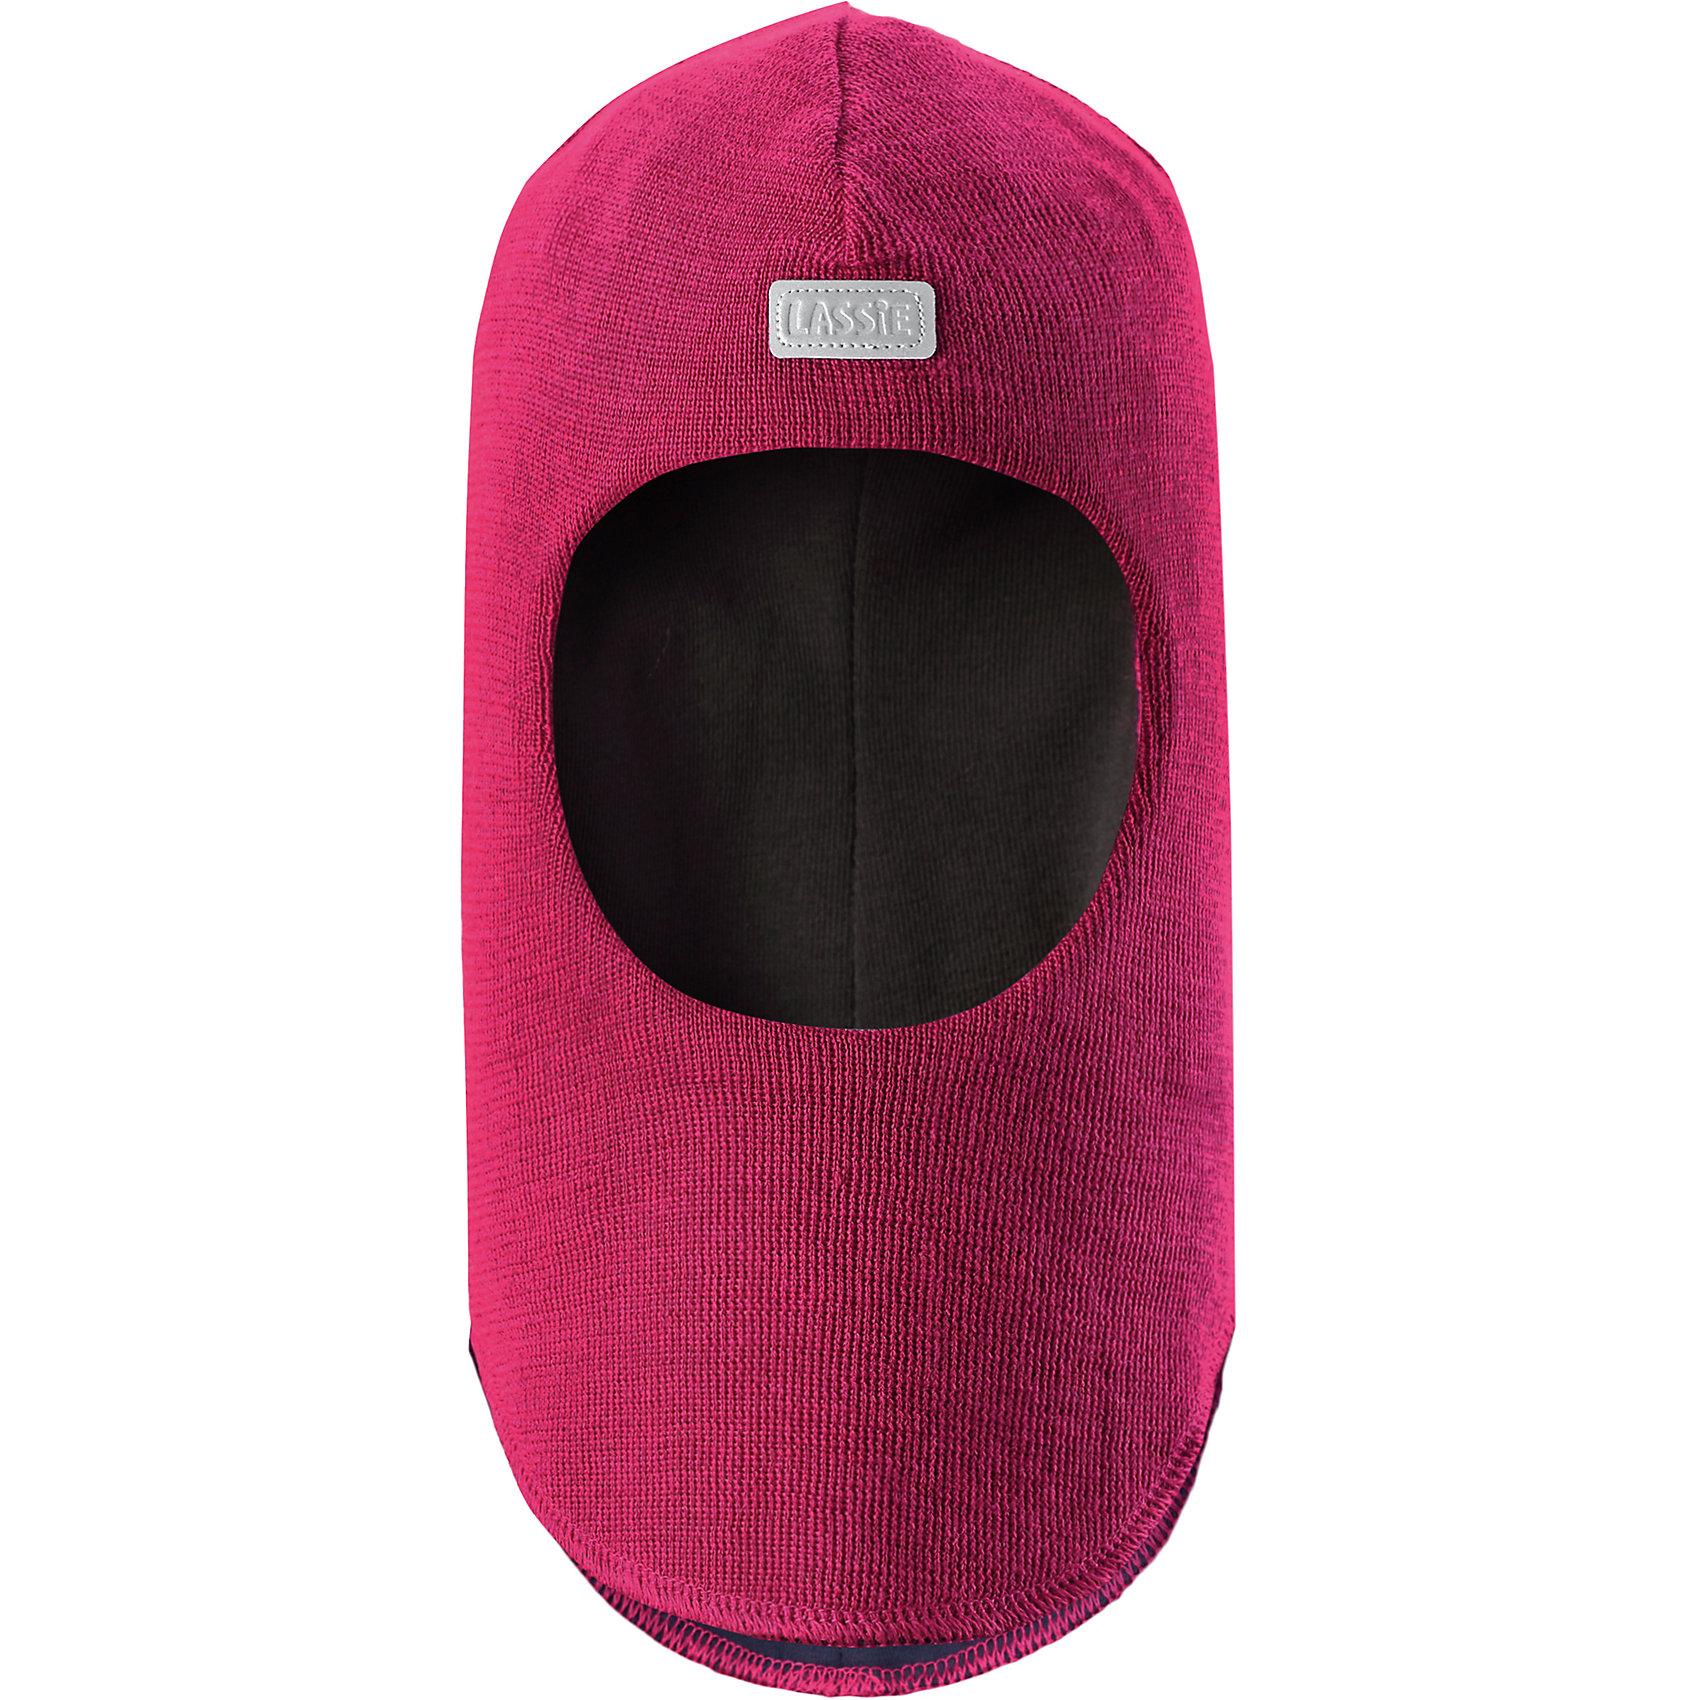 Шапка LASSIEШапки и шарфы<br>Шапка-шлем для малышей известной финской марки.<br><br>- Мягкая и теплая ткань из смеси шерсти.<br>- Ветронепроницаемые вставки в области ушей.<br>- Мягкая подкладка из хлопка и эластана. <br>- Узор из цветных полос. <br>- Светоотражающая эмблема Lassie® спереди.<br><br> Рекомендации по уходу: Придать первоначальную форму вo влажном виде. Возможна усадка 5 %.<br><br>Состав: 50% Шерсть, 50% полиакрил.<br><br>Ширина мм: 89<br>Глубина мм: 117<br>Высота мм: 44<br>Вес г: 155<br>Цвет: розовый<br>Возраст от месяцев: 6<br>Возраст до месяцев: 12<br>Пол: Женский<br>Возраст: Детский<br>Размер: 44-46,54-56,50-52,46-48<br>SKU: 4781014